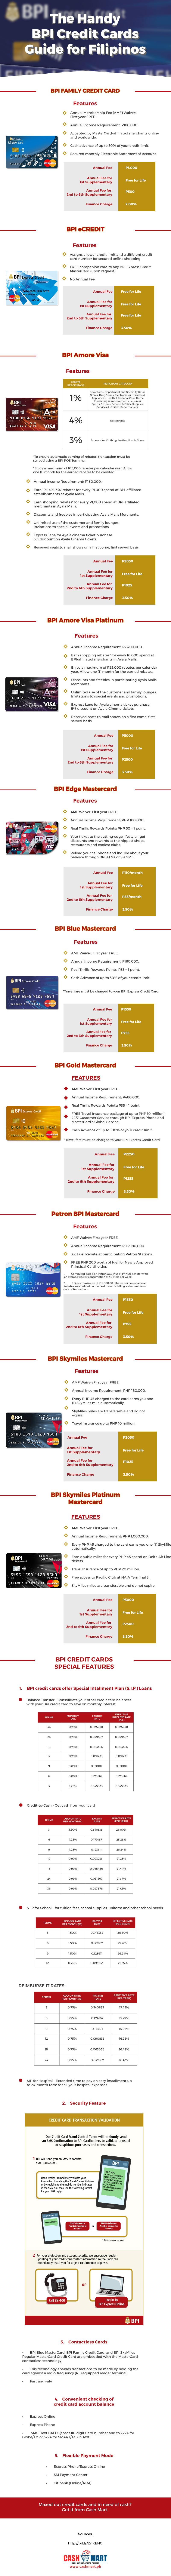 bpi-credit-cards-guide